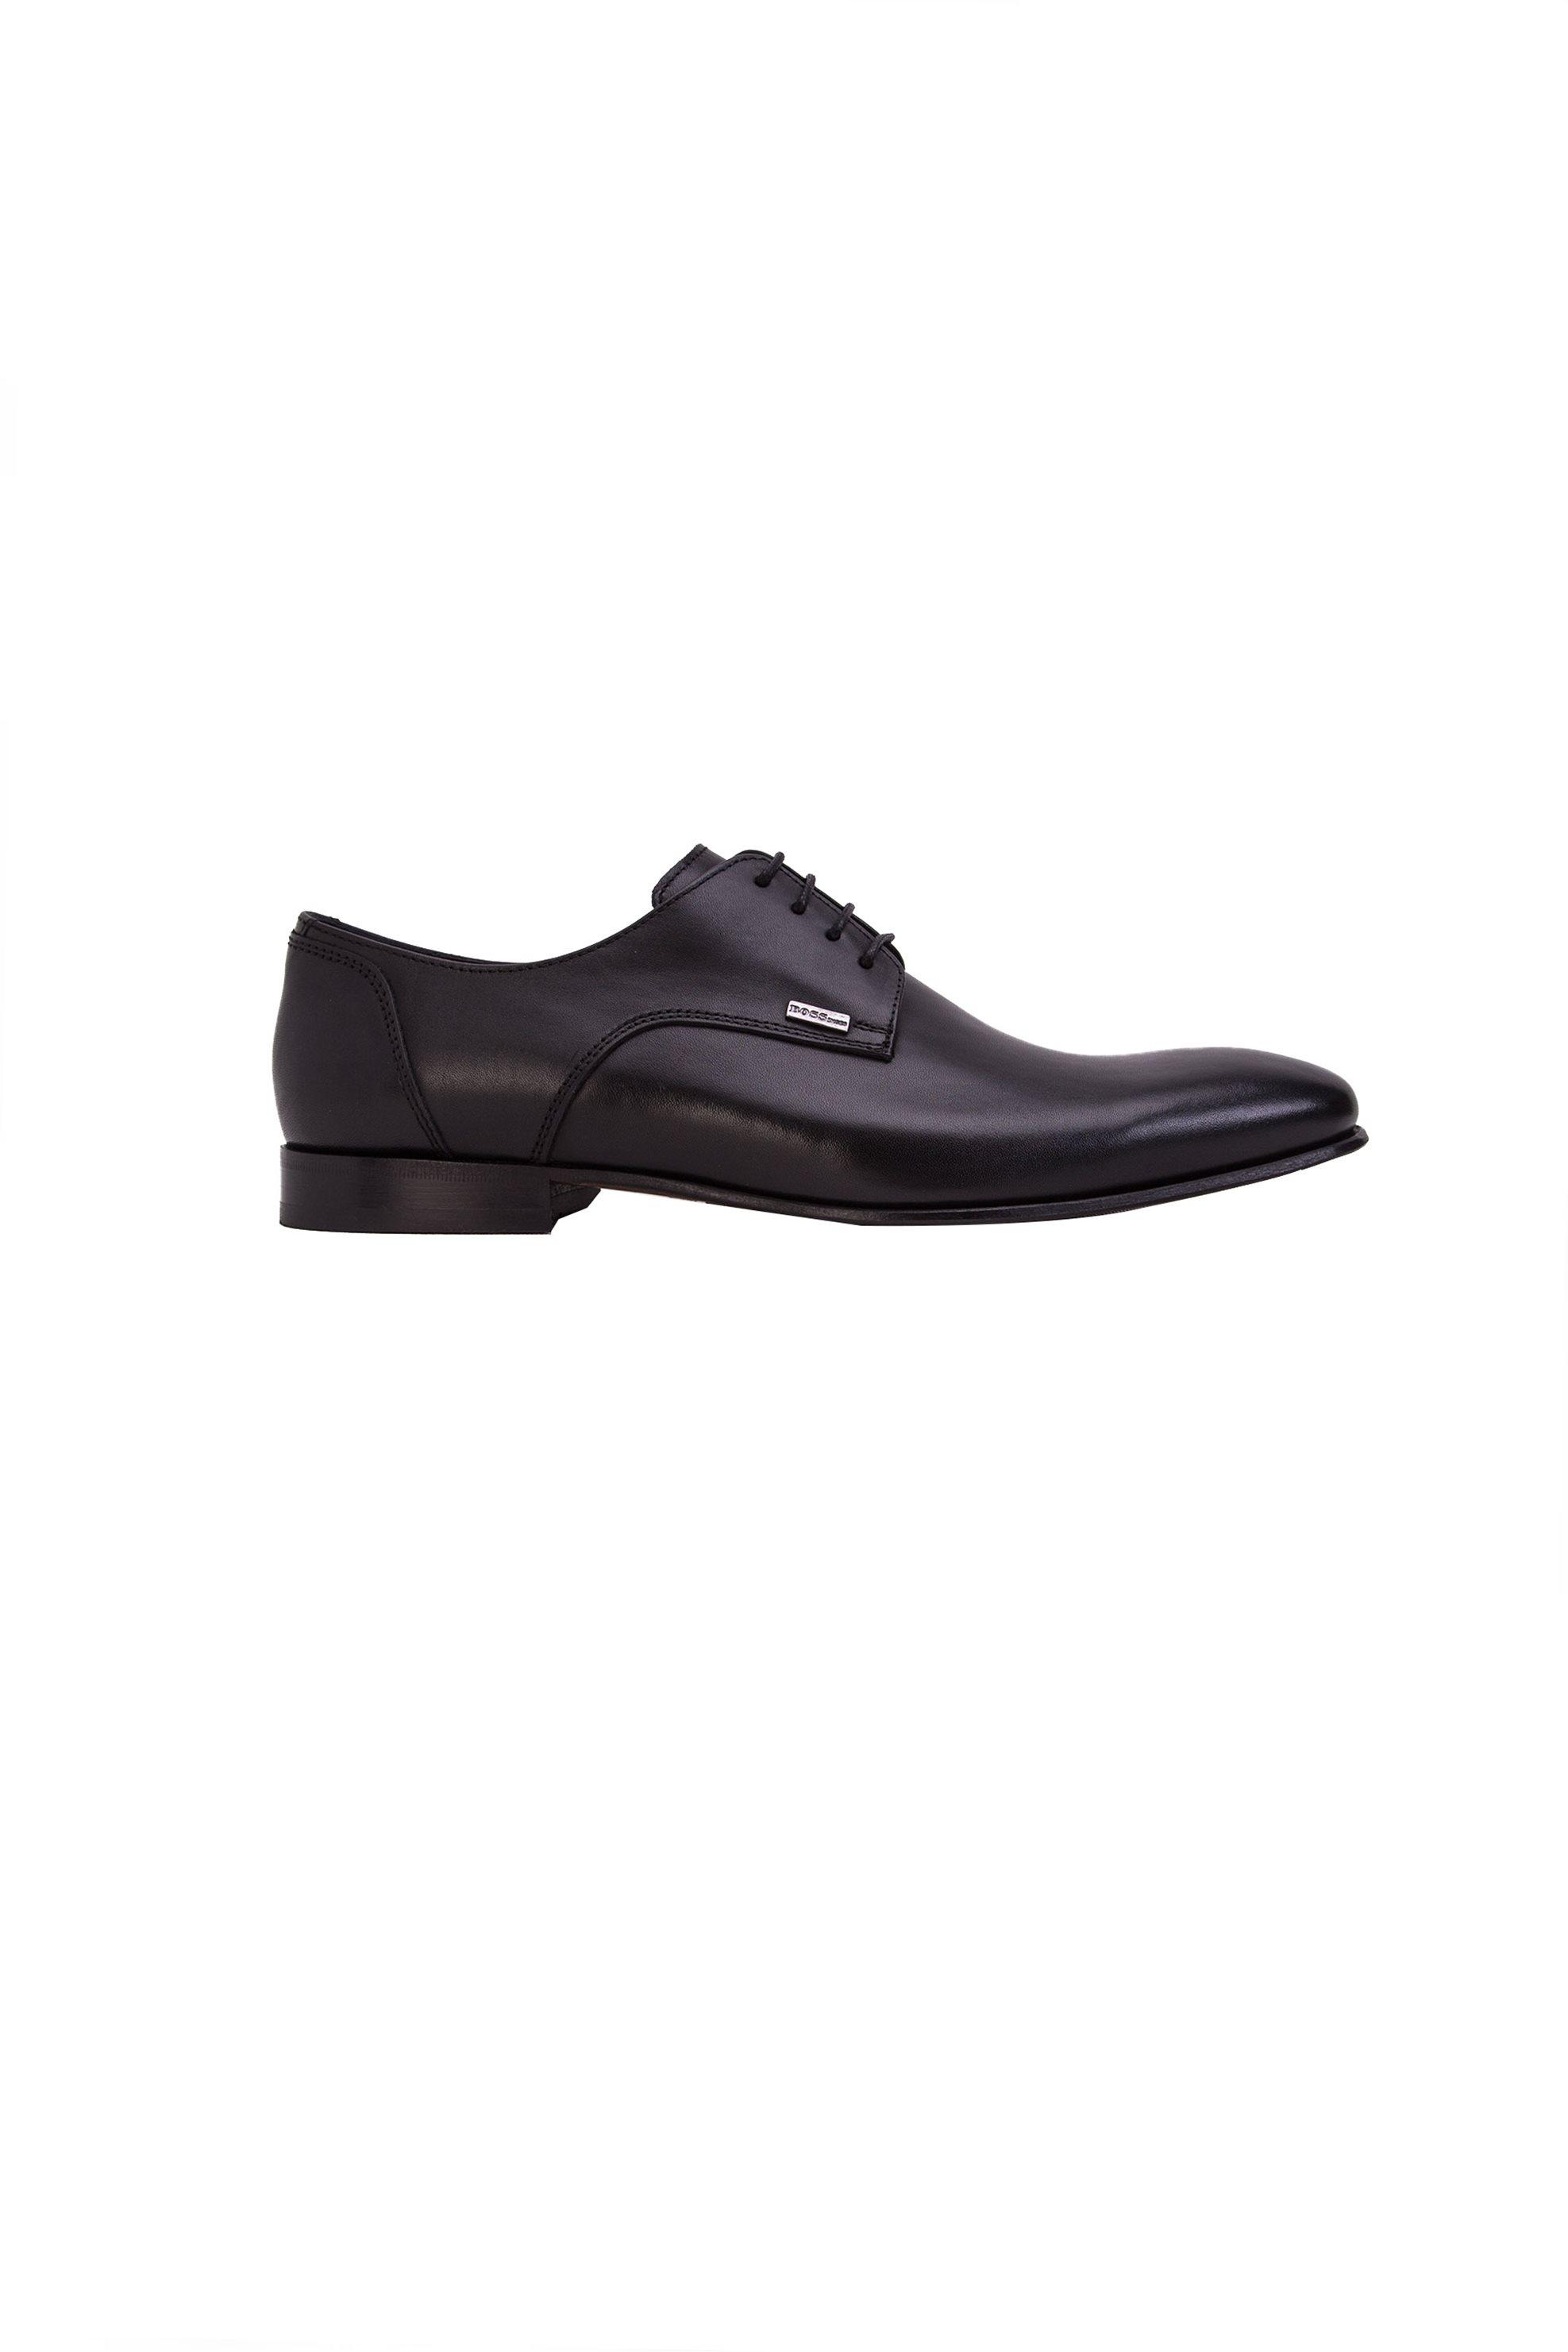 Ανδρικά δερμάτινα σκαρπίνια Boss - J4972 - Μαύρο ανδρασ   παπουτσια   σκαρπίνια   oxford